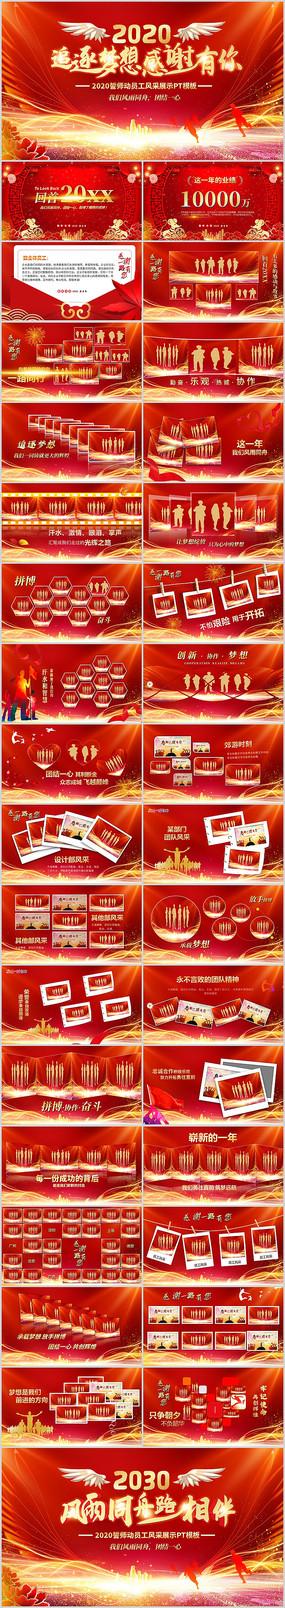 红色企业年会员工风采展示相册PPT